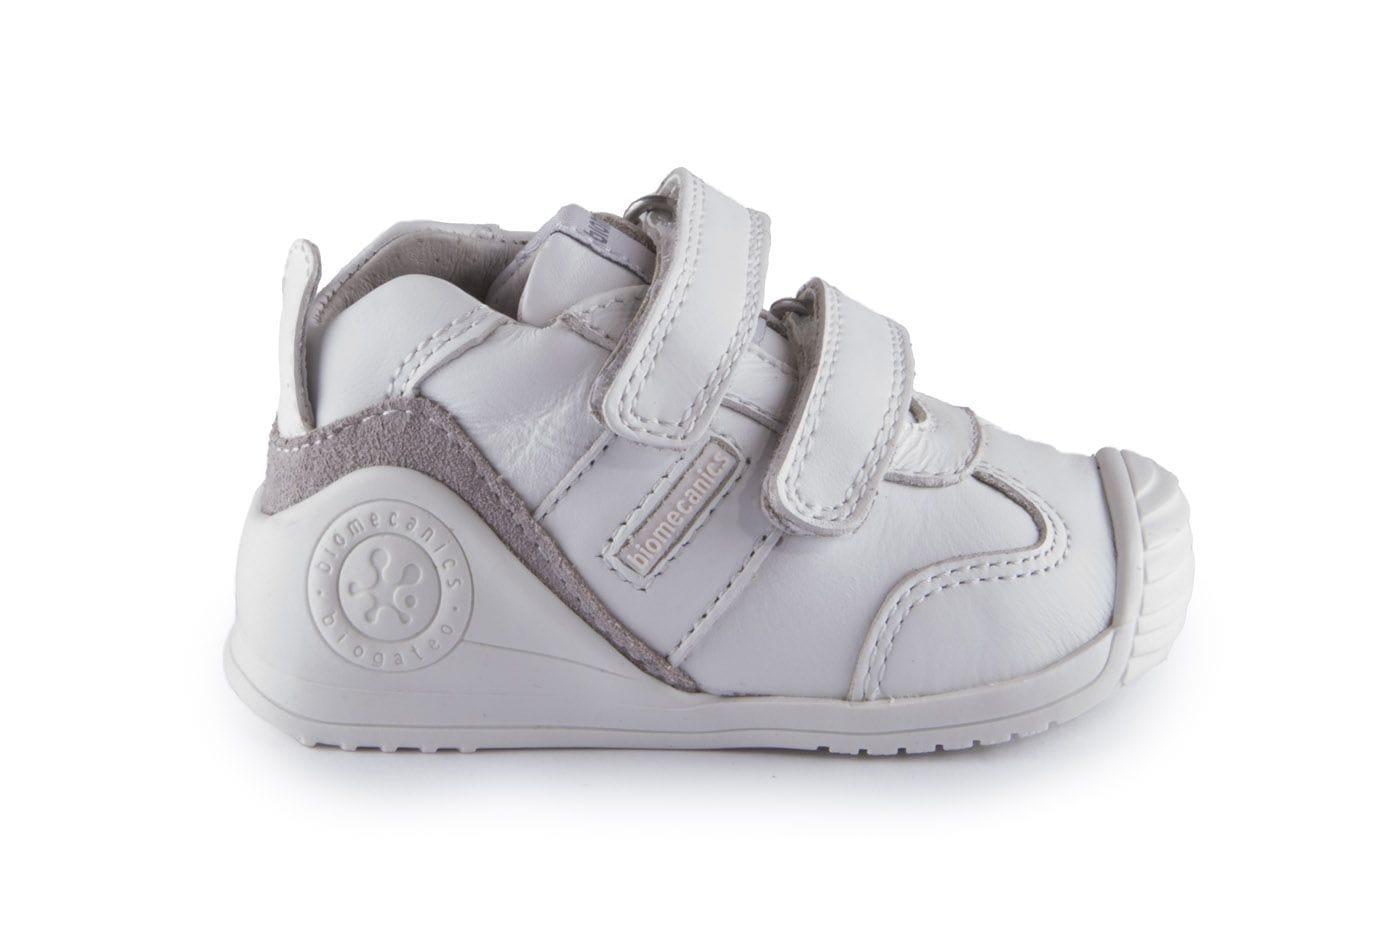 8dadc31d393 Comprar zapato tipo PREANDANTE NIÑO estilo DEPORTIVO COLOR BLANCO ...